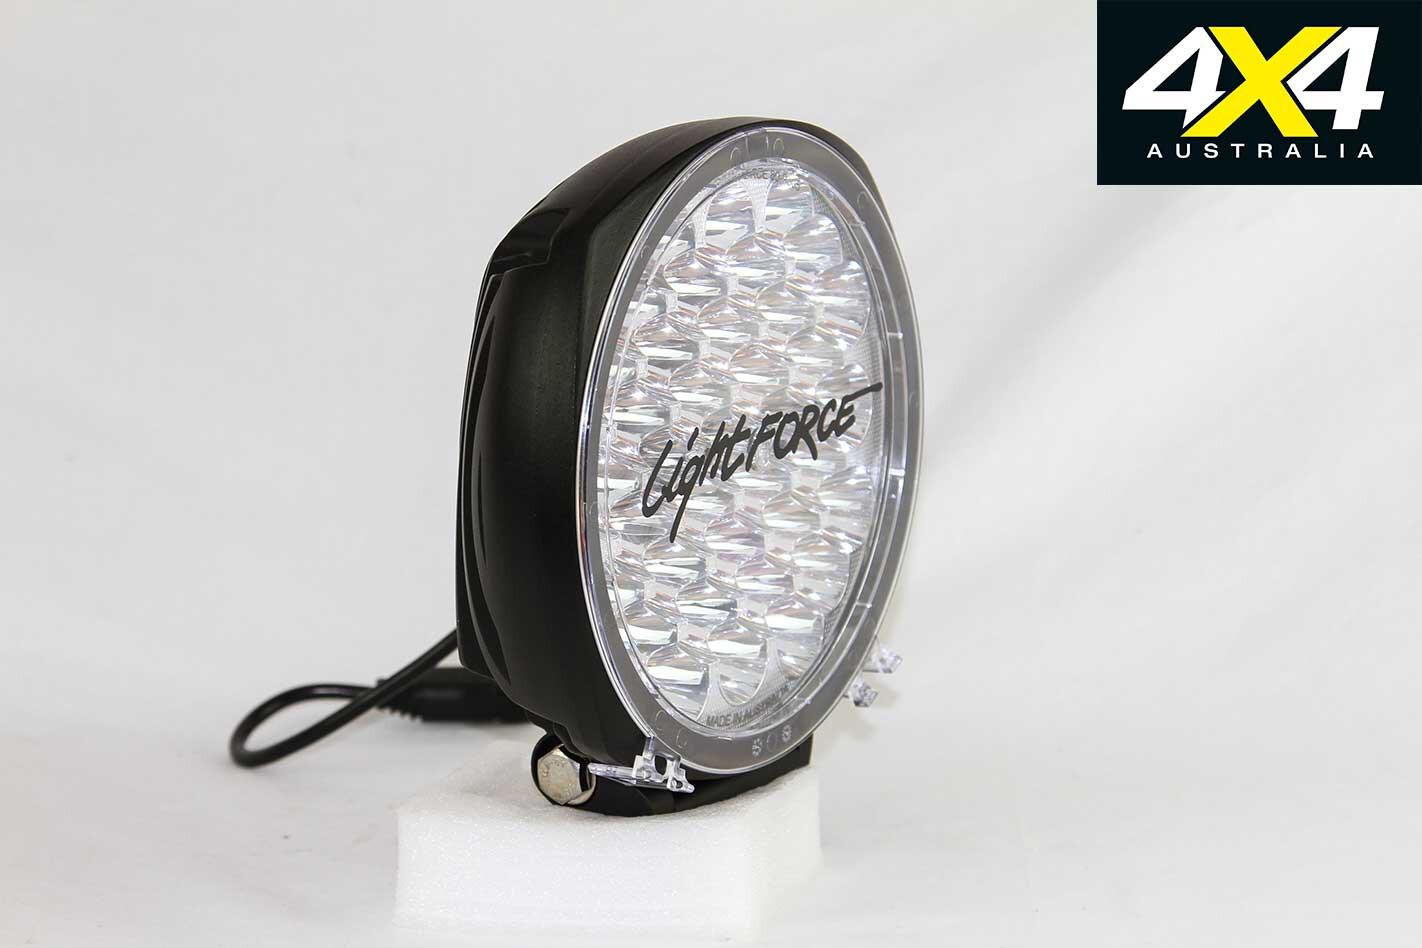 Lightforce Genesis 210 Jpg